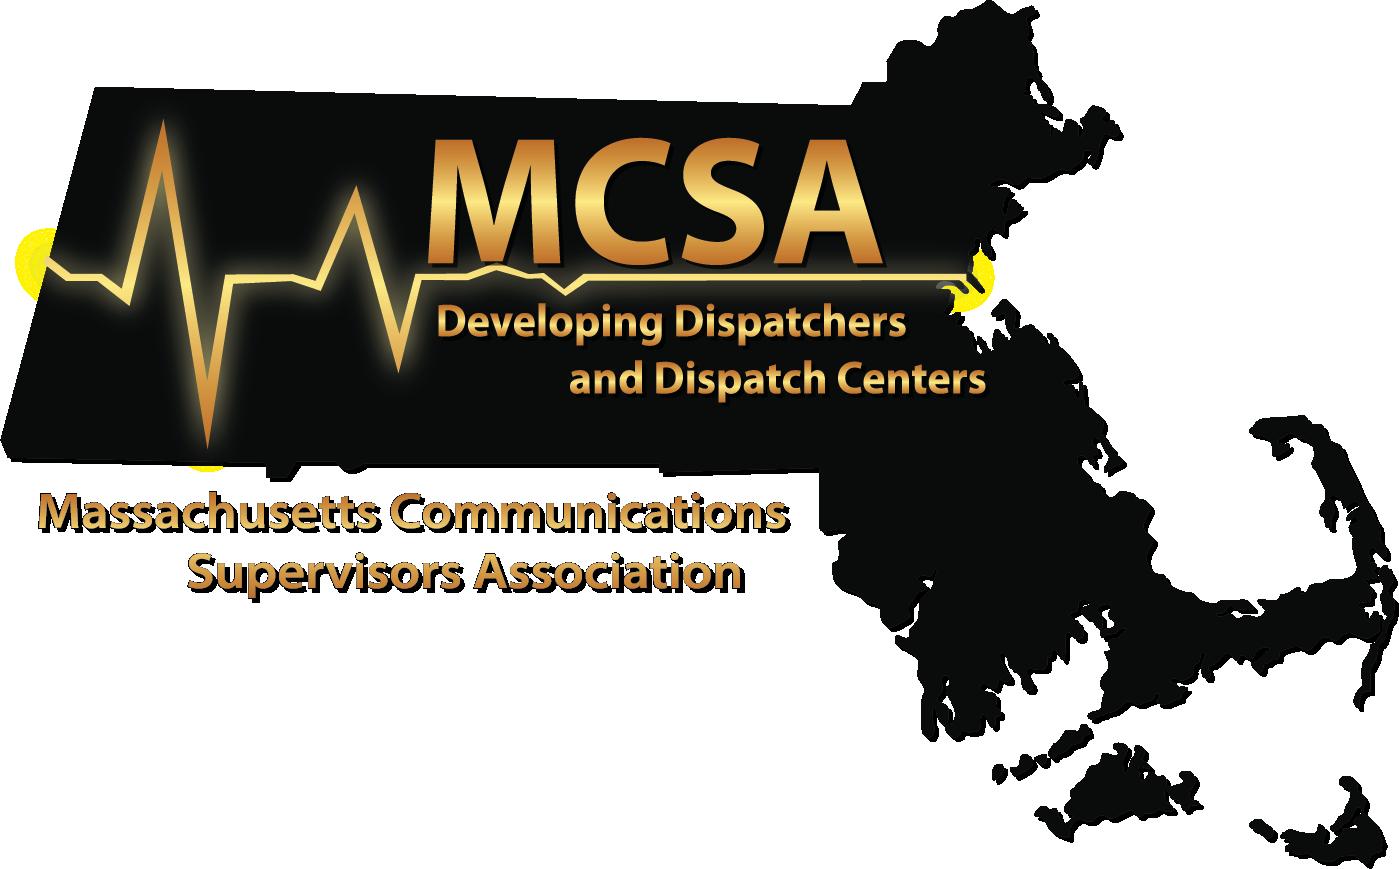 Massachusetts Communications Supervisors Association logo